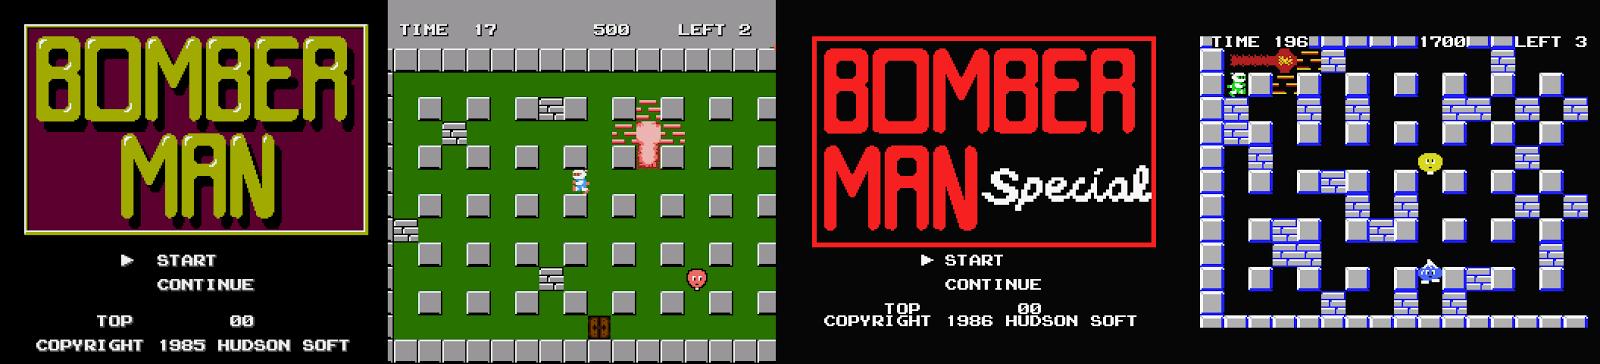 Bomberman 1987 скачать бесплатно на компьютер